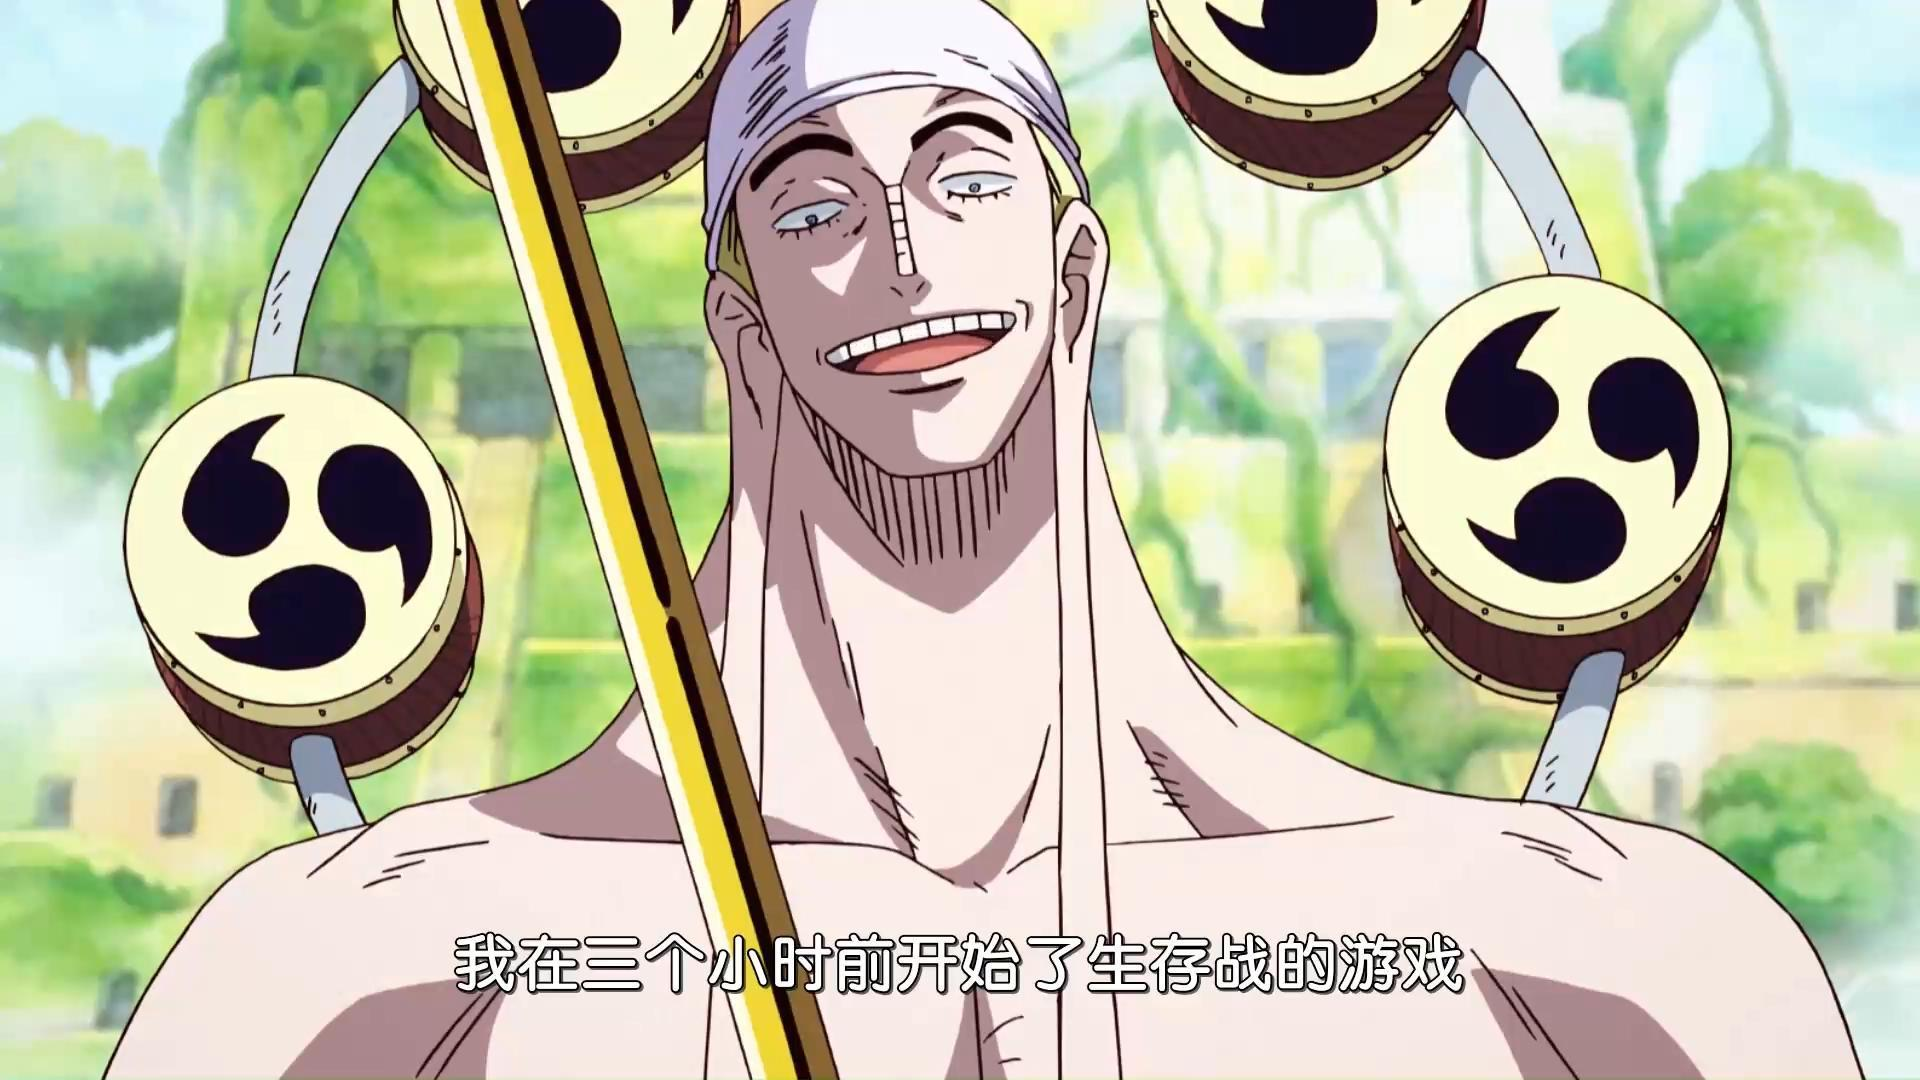 海贼王:预言家真的那么神奇吗?他简直就是尾田的小号